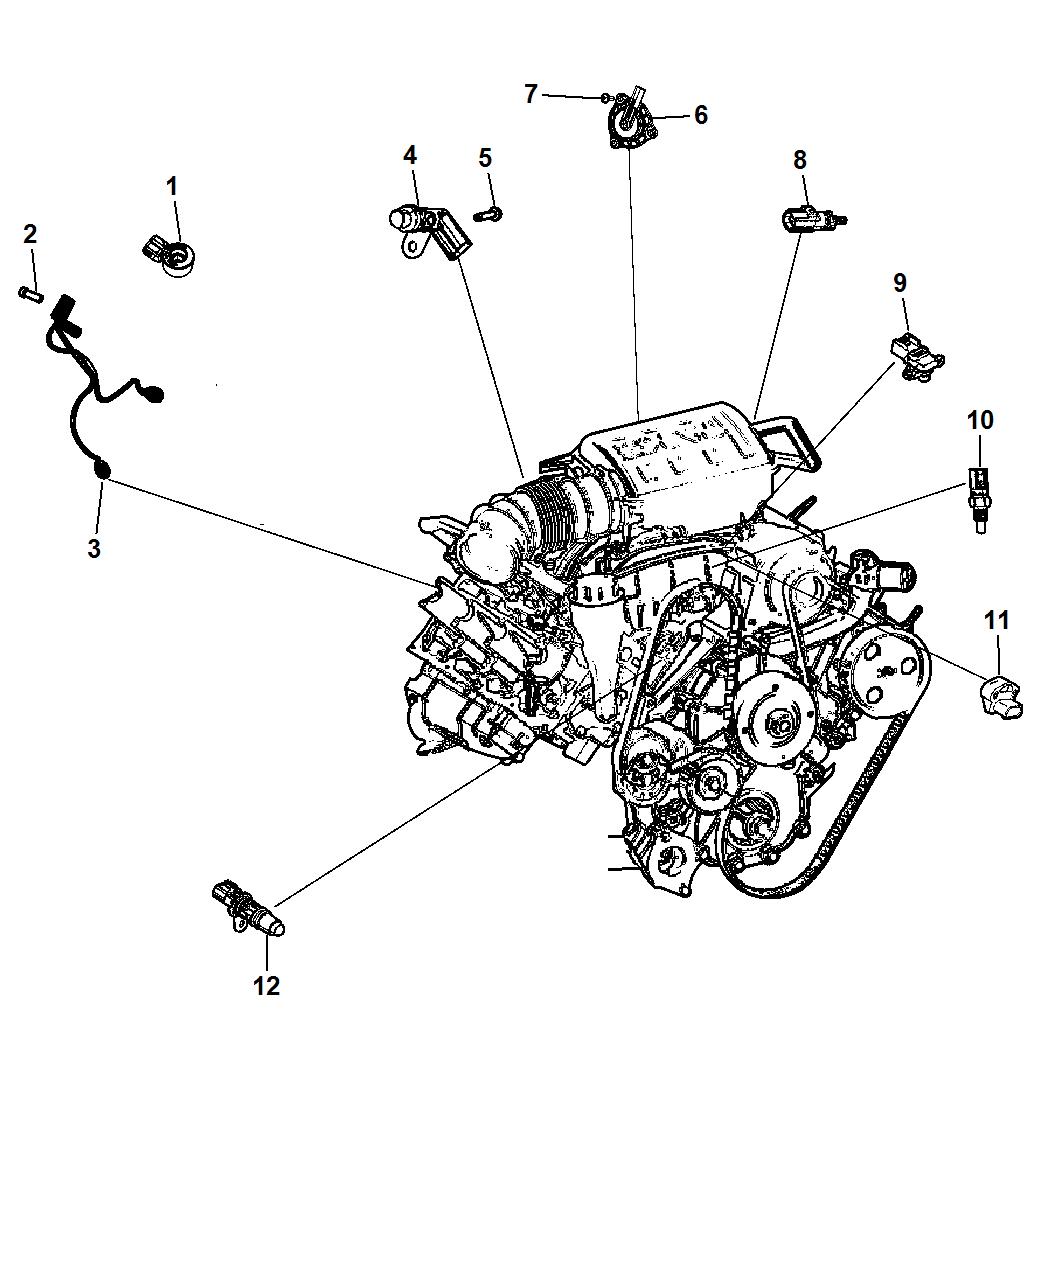 2012 Jeep Engine Diagram Wiring Diagram Options Wait Doc A Wait Doc A Studiopyxis It